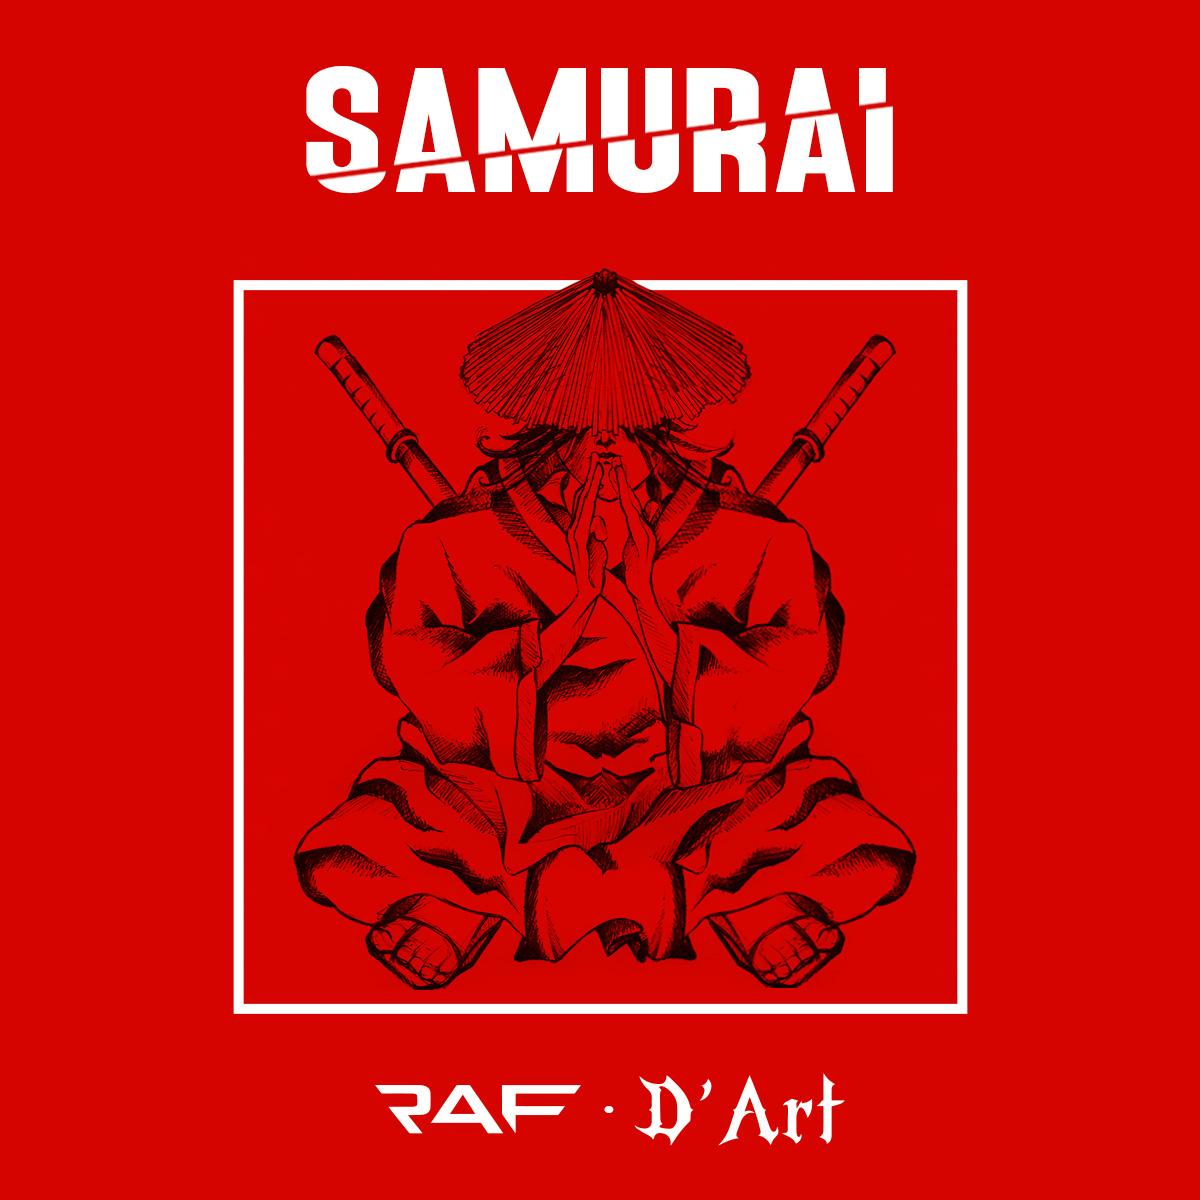 Samurai - Raf feat D'Art con testo e significato